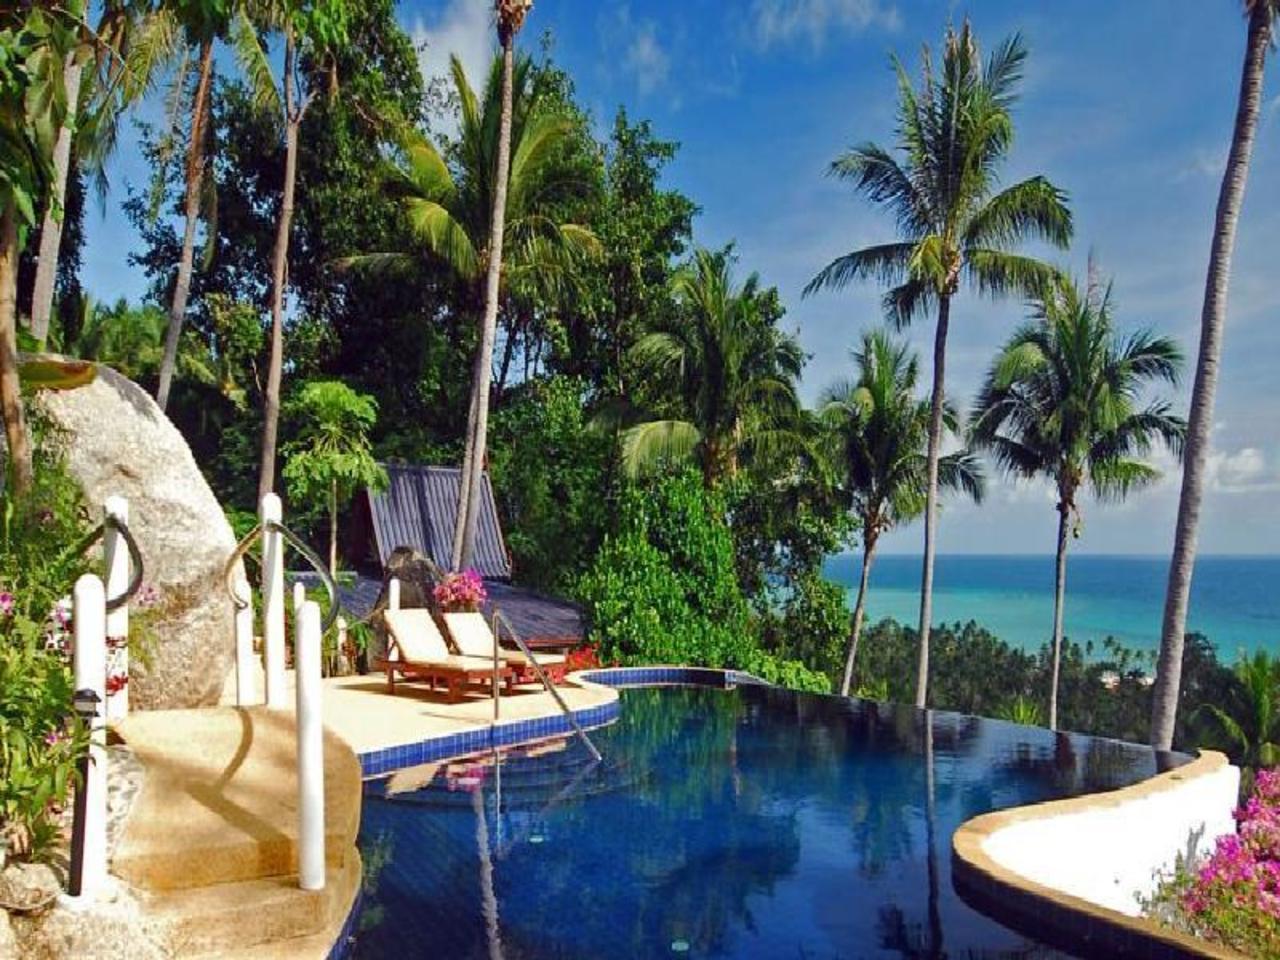 ซีวิว พาราไดส์ บีช แอนด์ เมาน์เท็น ฮอลิเดย์ วิลลา รีสอร์ต (Seaview Paradise Beach and Mountain Holiday Villas Resort)